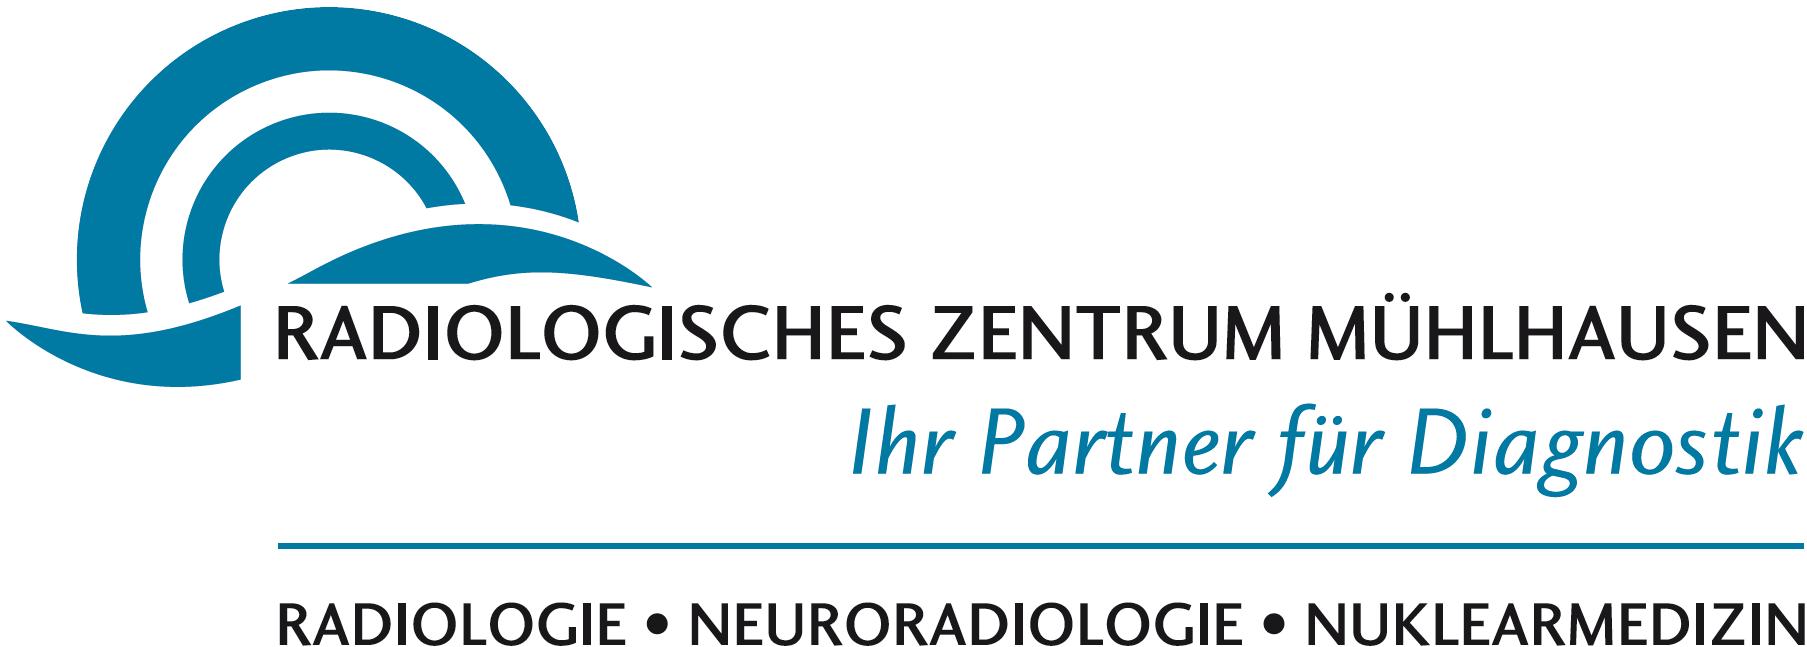 Radiologisches Zentrum Mühlhausen